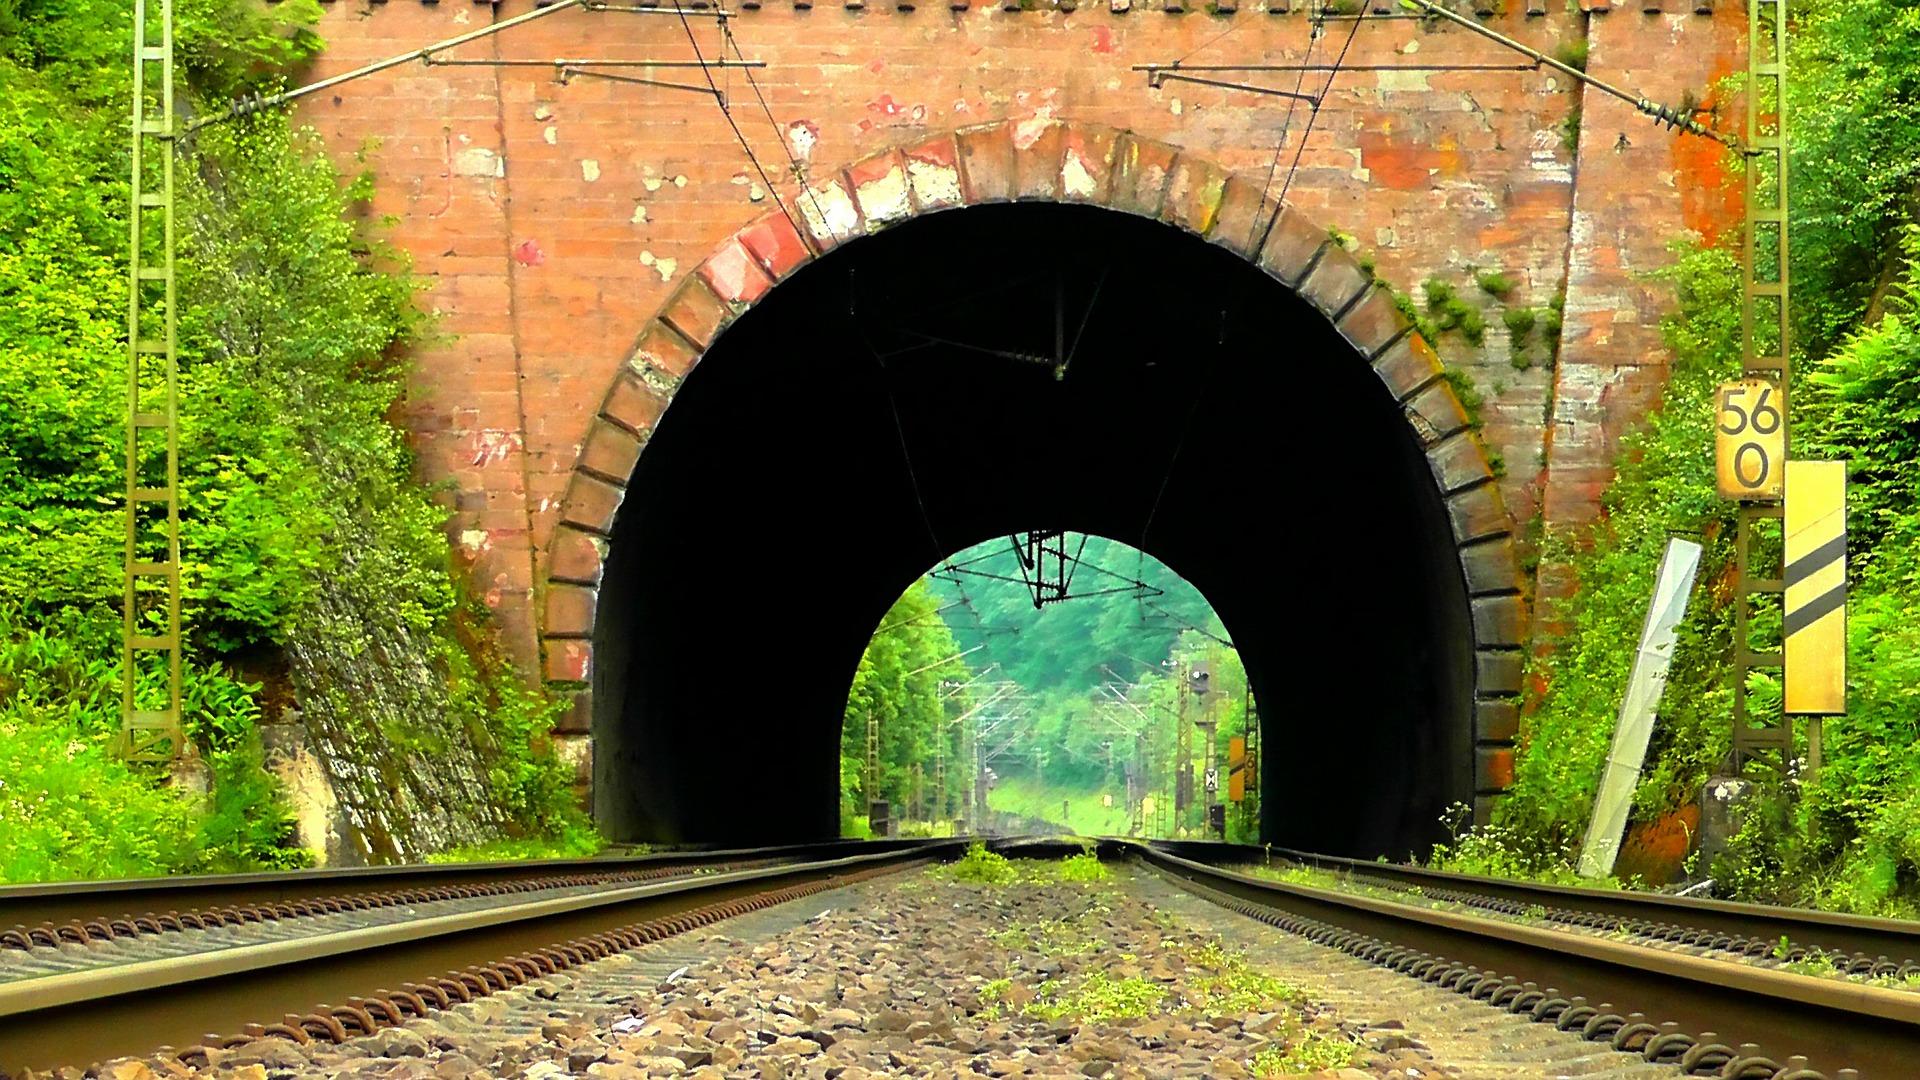 Budivnyctvo Beskydśkogo tunelju zaveršene